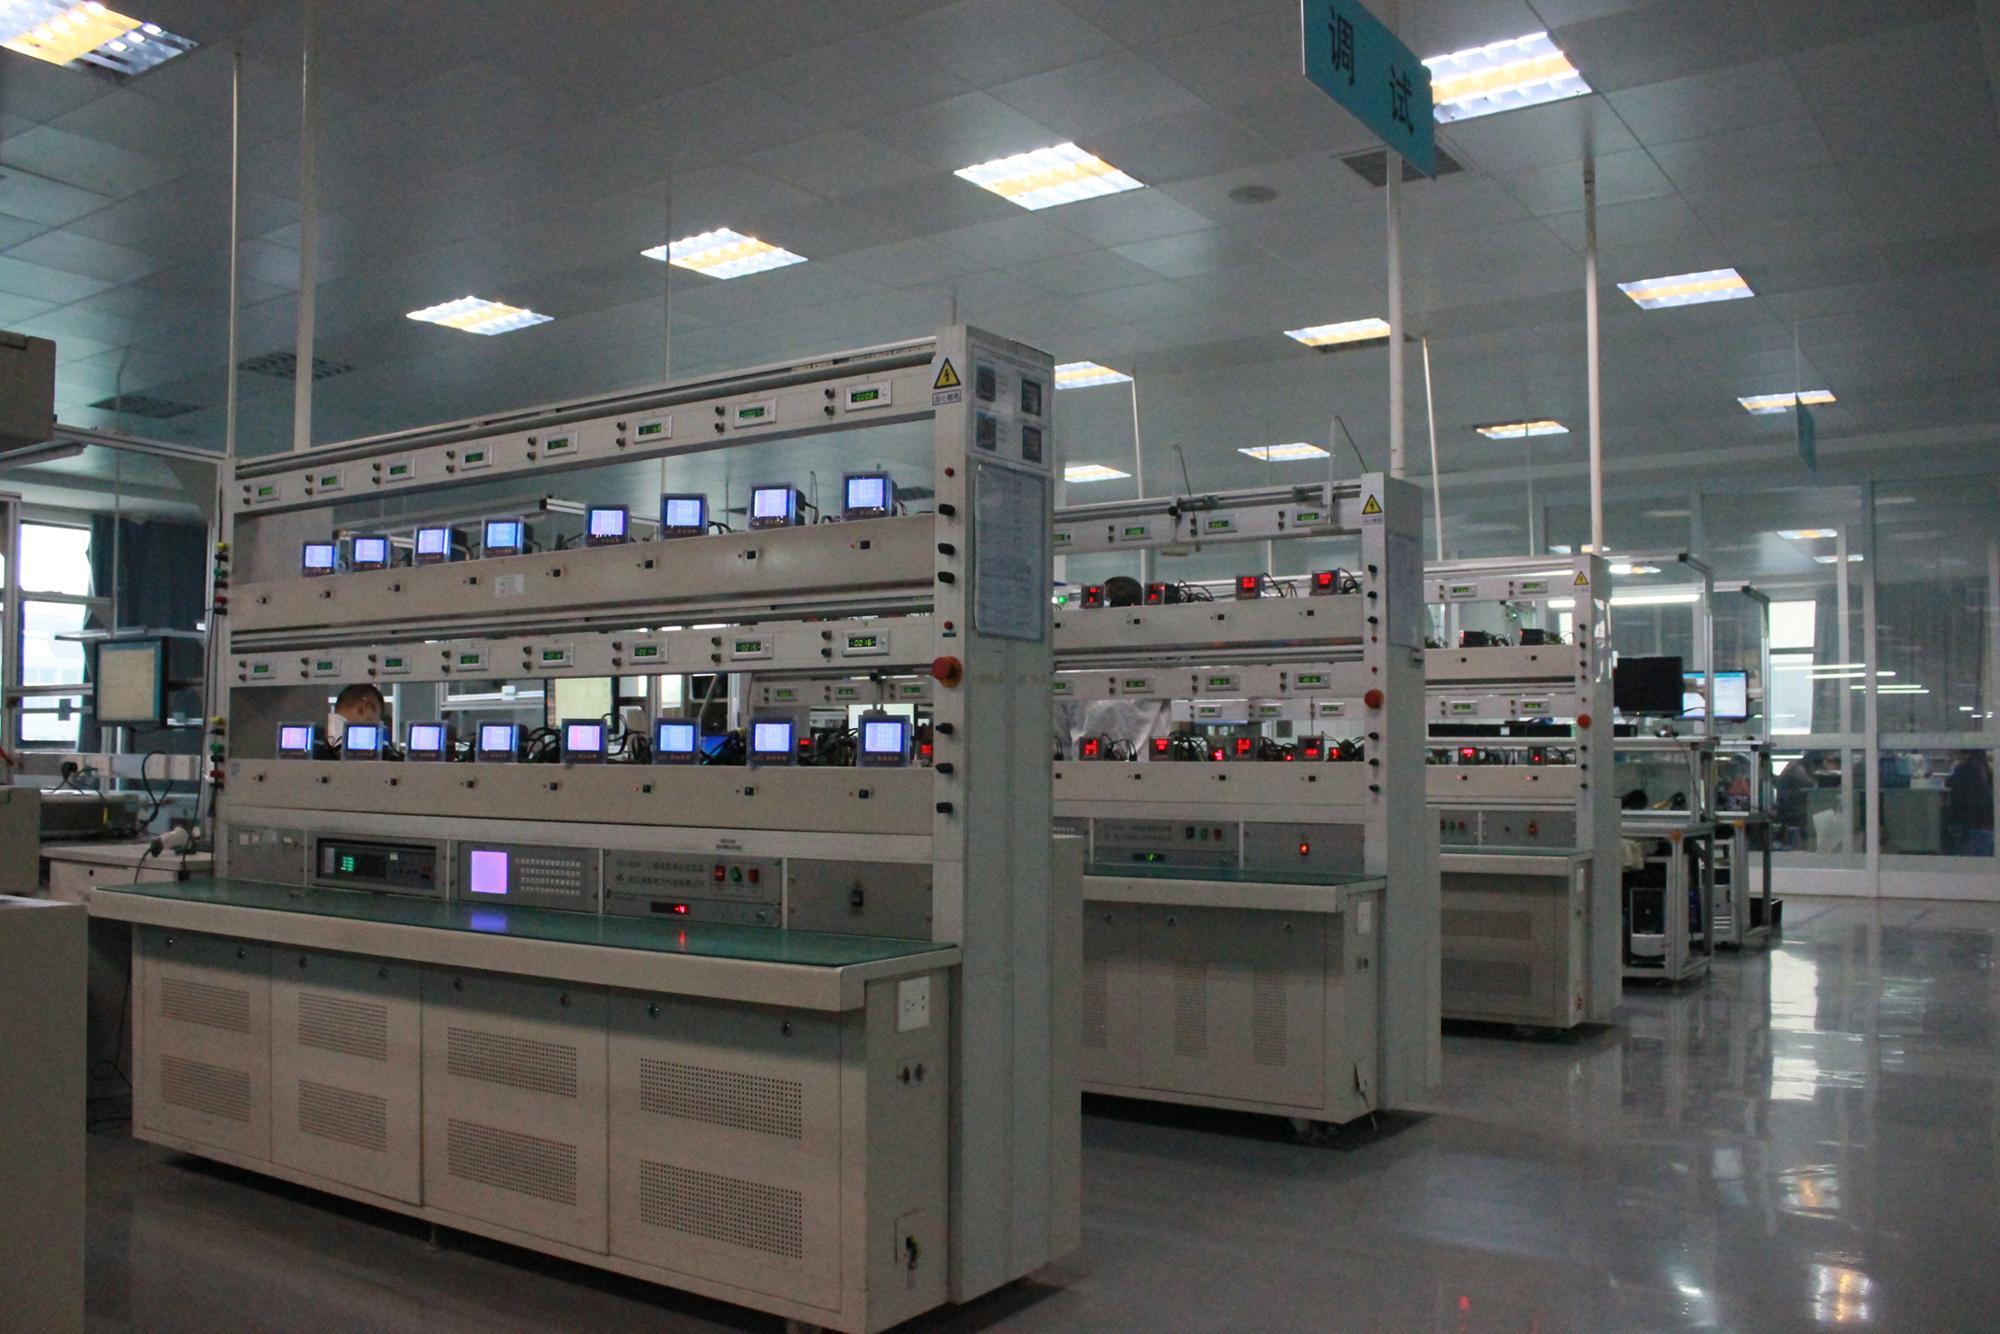 branch circuit multi channel energy Meter KWH meter RS485 modbus power meter